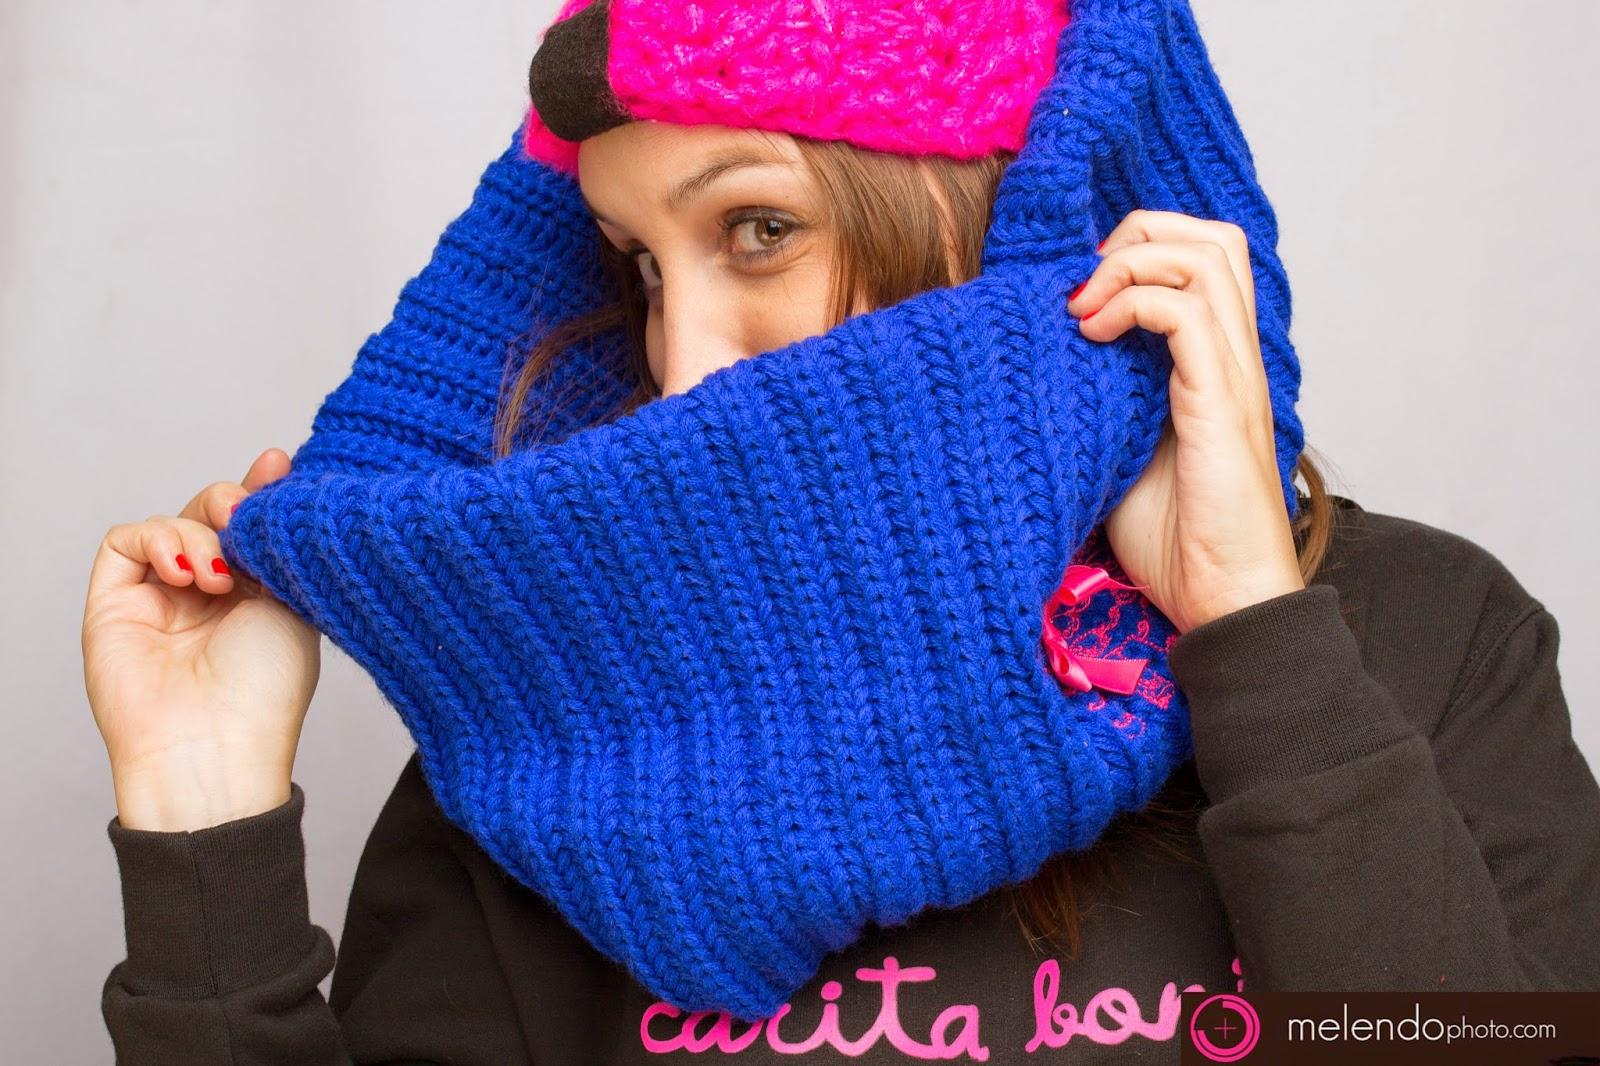 ropa y complementos de Carita Bonita ideales para este invierno ir abrigada, guapa y divertida